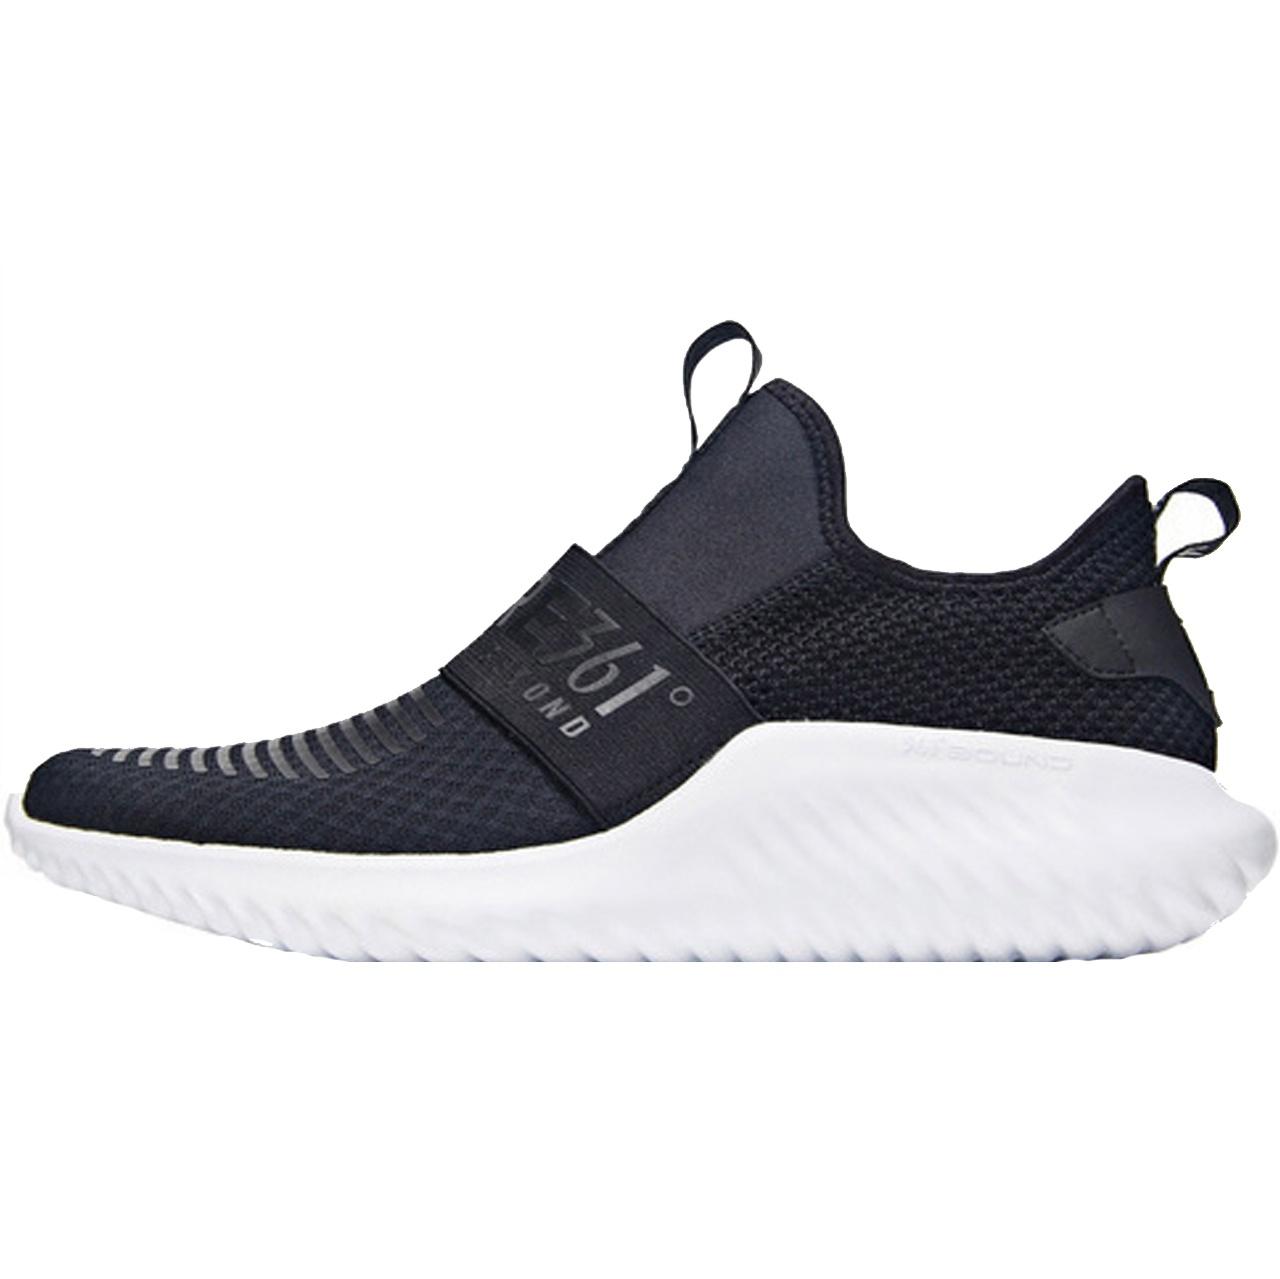 کفش مخصوص دویدن مردانه 361 درجه کد 671836706